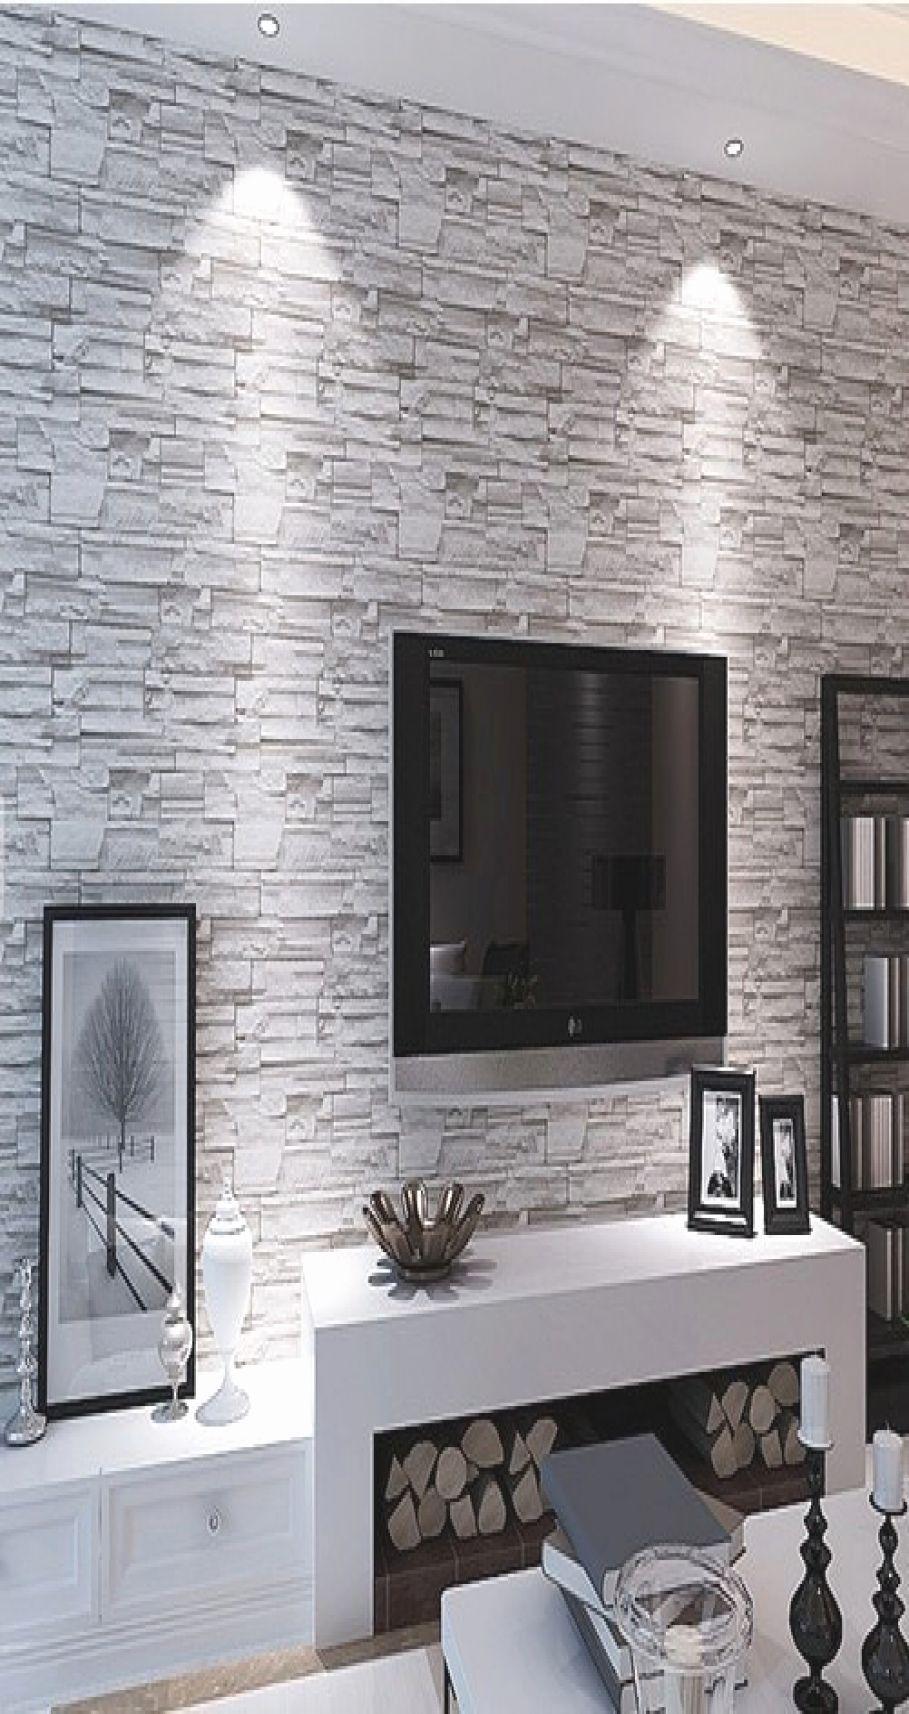 80 Wohnzimmer Tapeten Ideen Coole Moderne Muster Innen Wohnzimmer